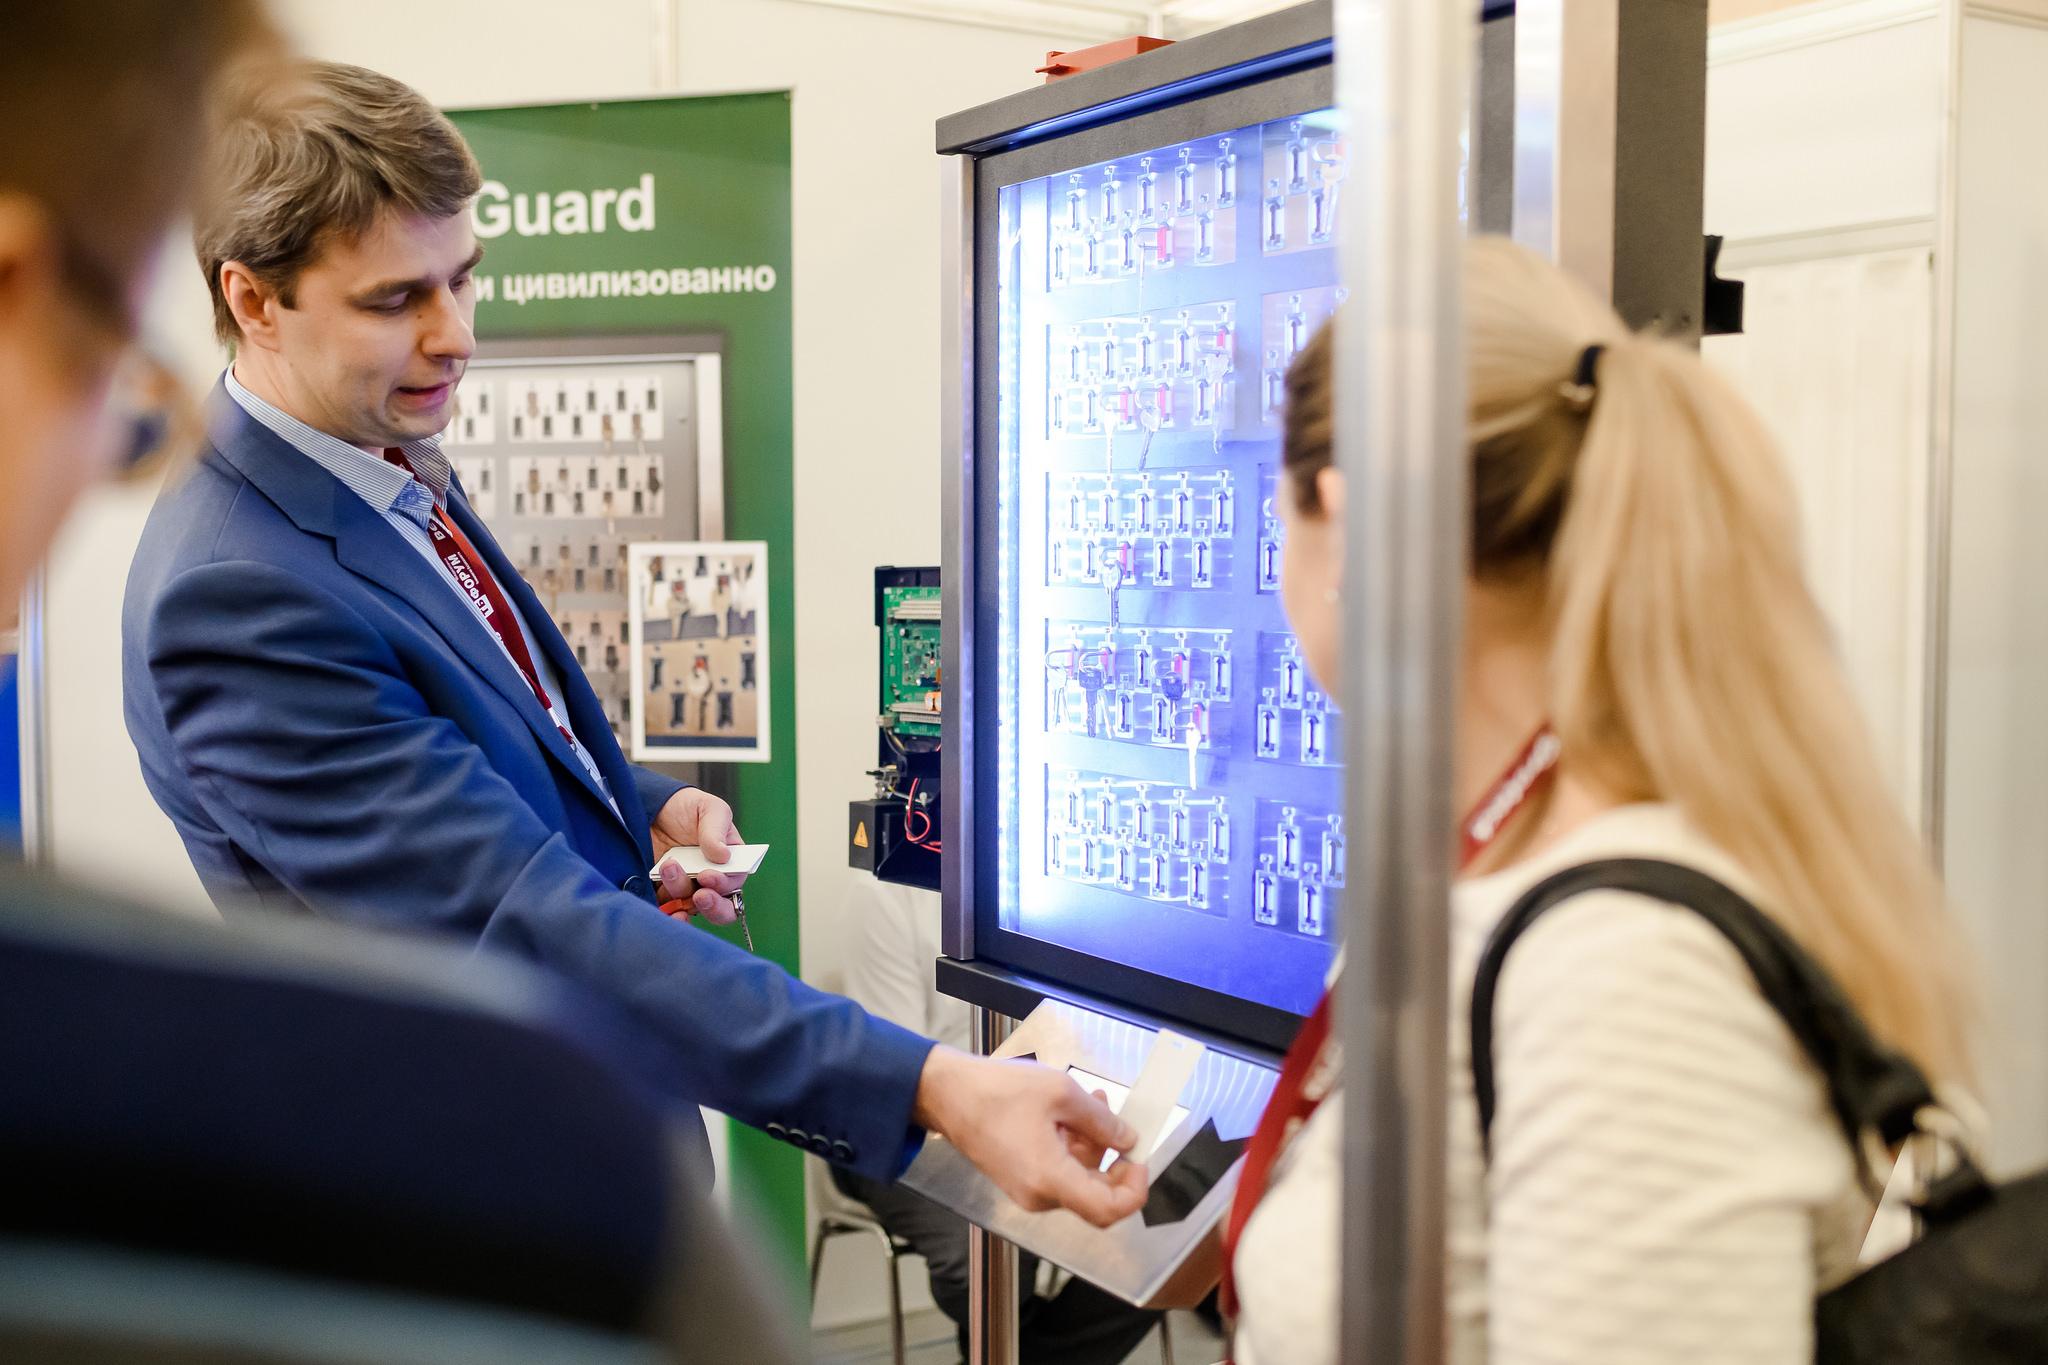 Смотр решений и технологий для банков на ТБ Форуме 2019: удаленная биометрическая идентификация, кибербезопасность и цифровая экономика